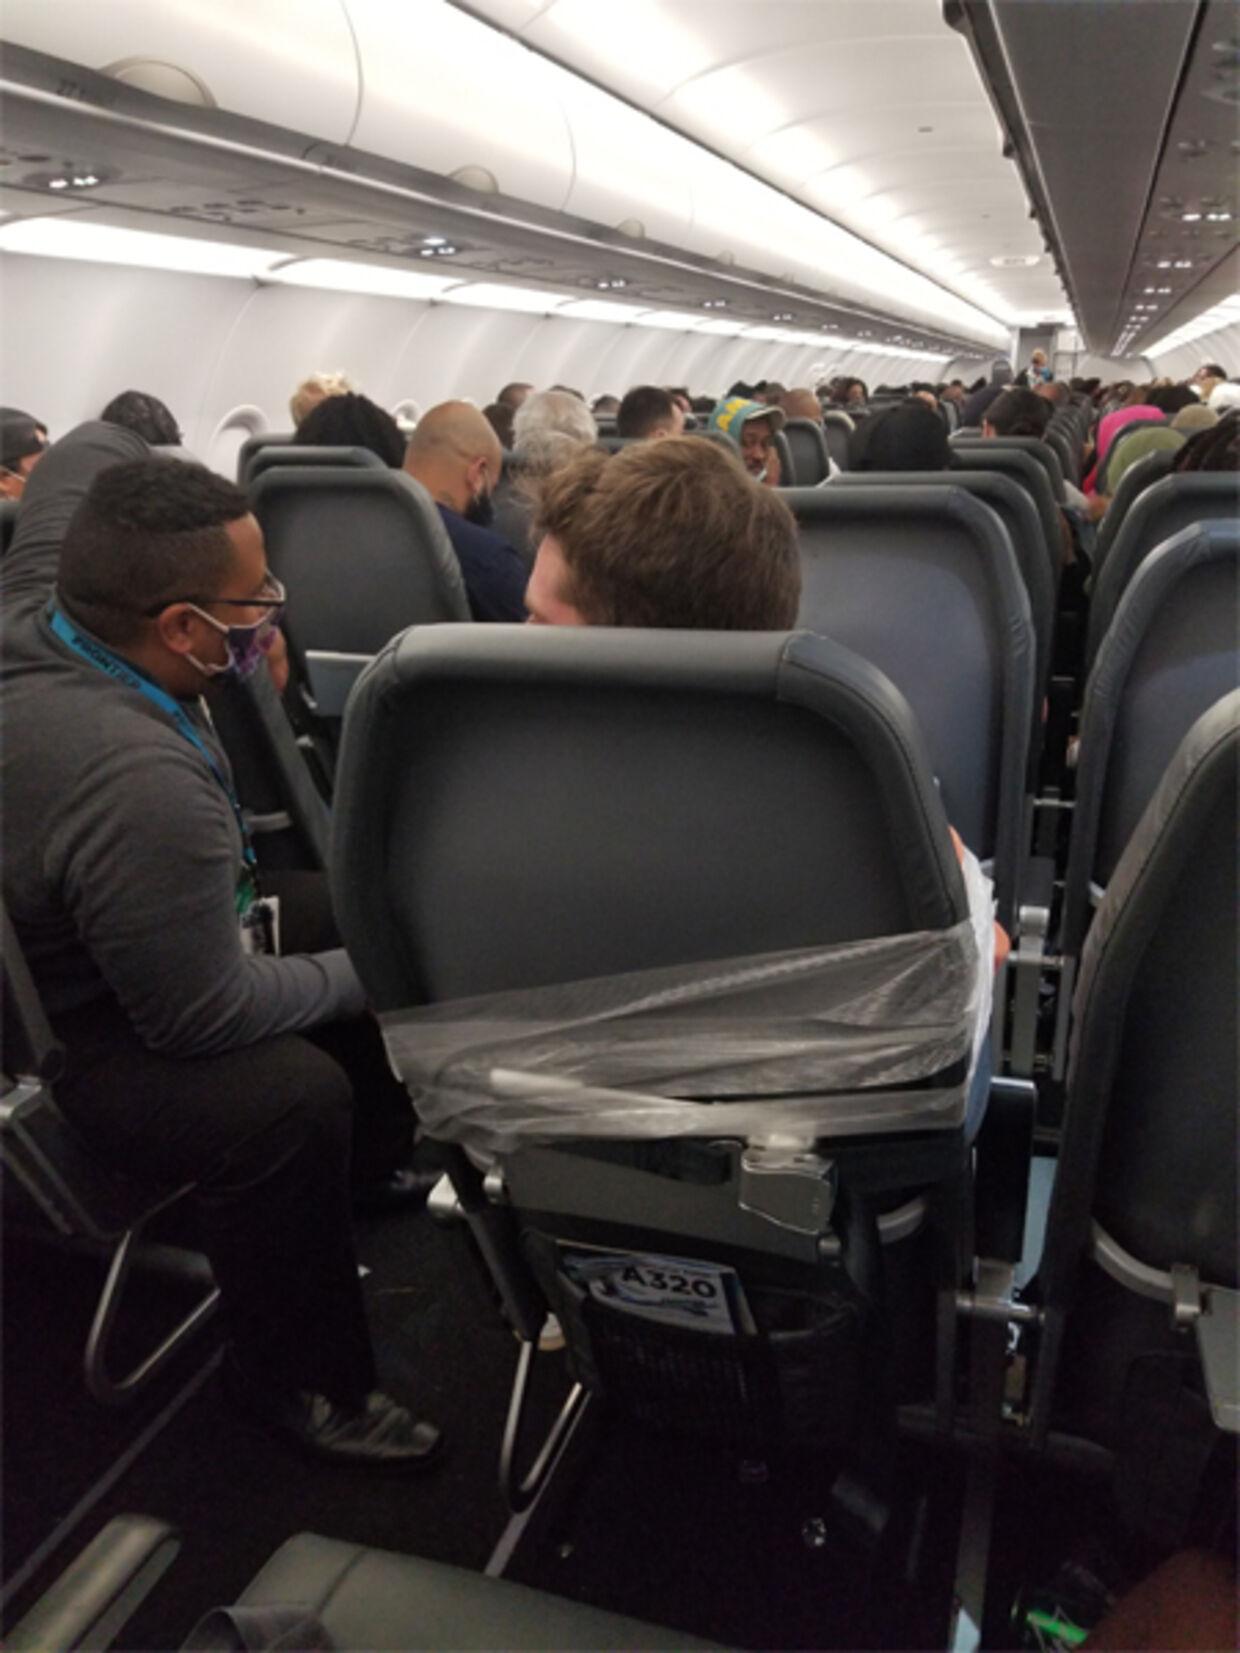 Ifølge politirapporten var Maxwell Berry fastspændt til sædet, indtil flyet landede i Miami.